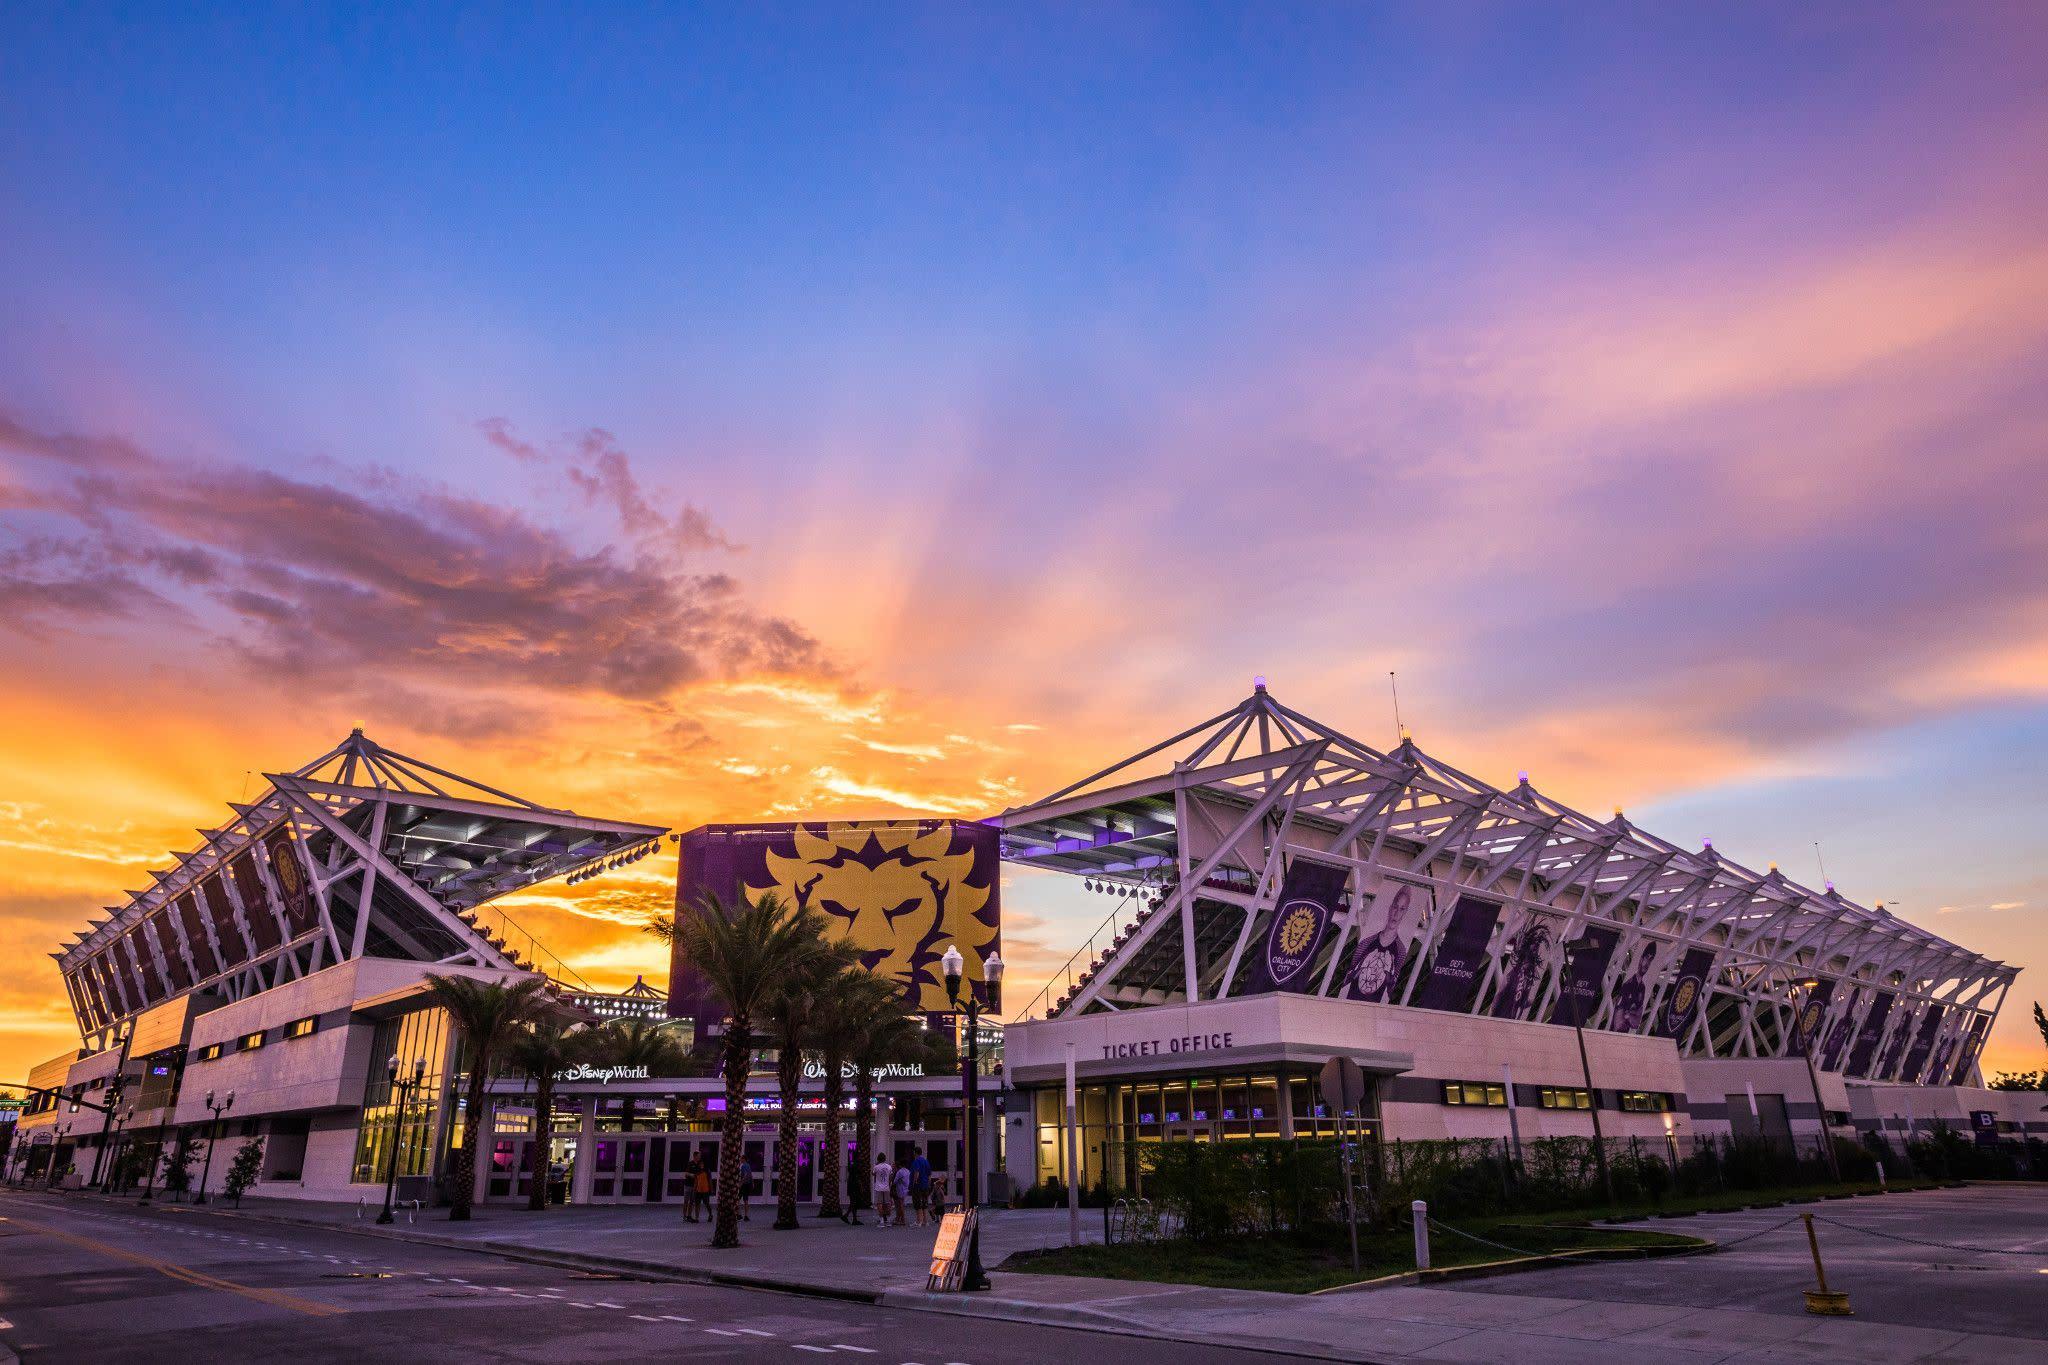 Exploria Stadium in Downtown Orlando